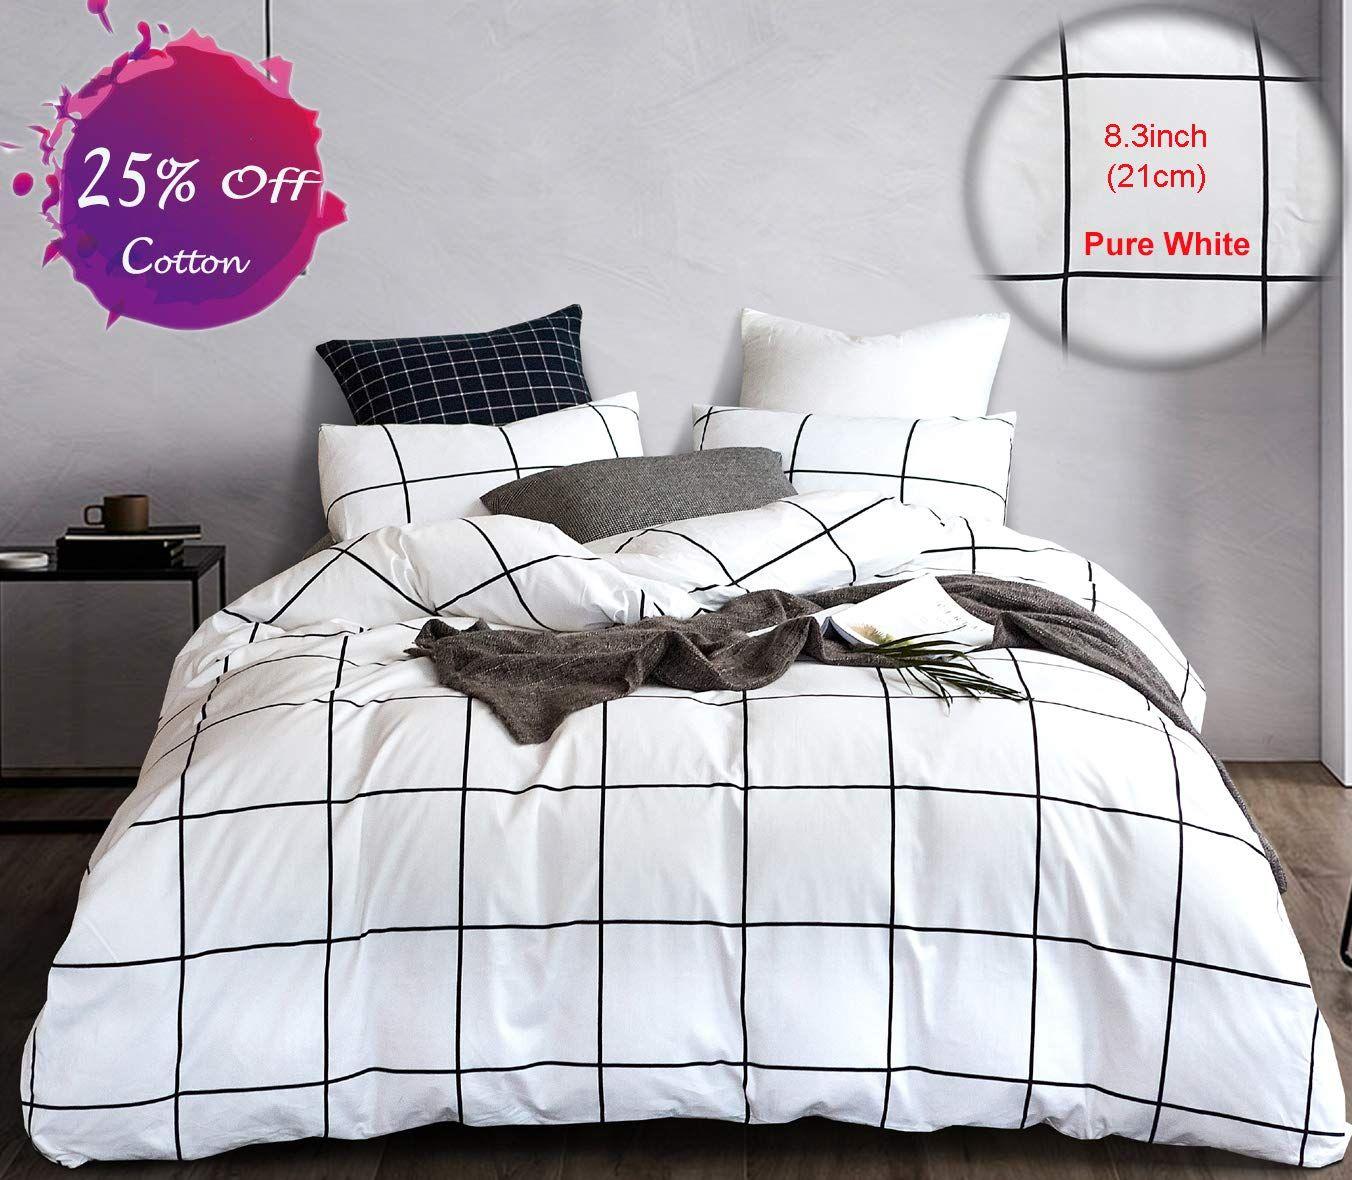 Modern Bedding White In 2020 White Duvet Covers White Duvet Plaid Bedding